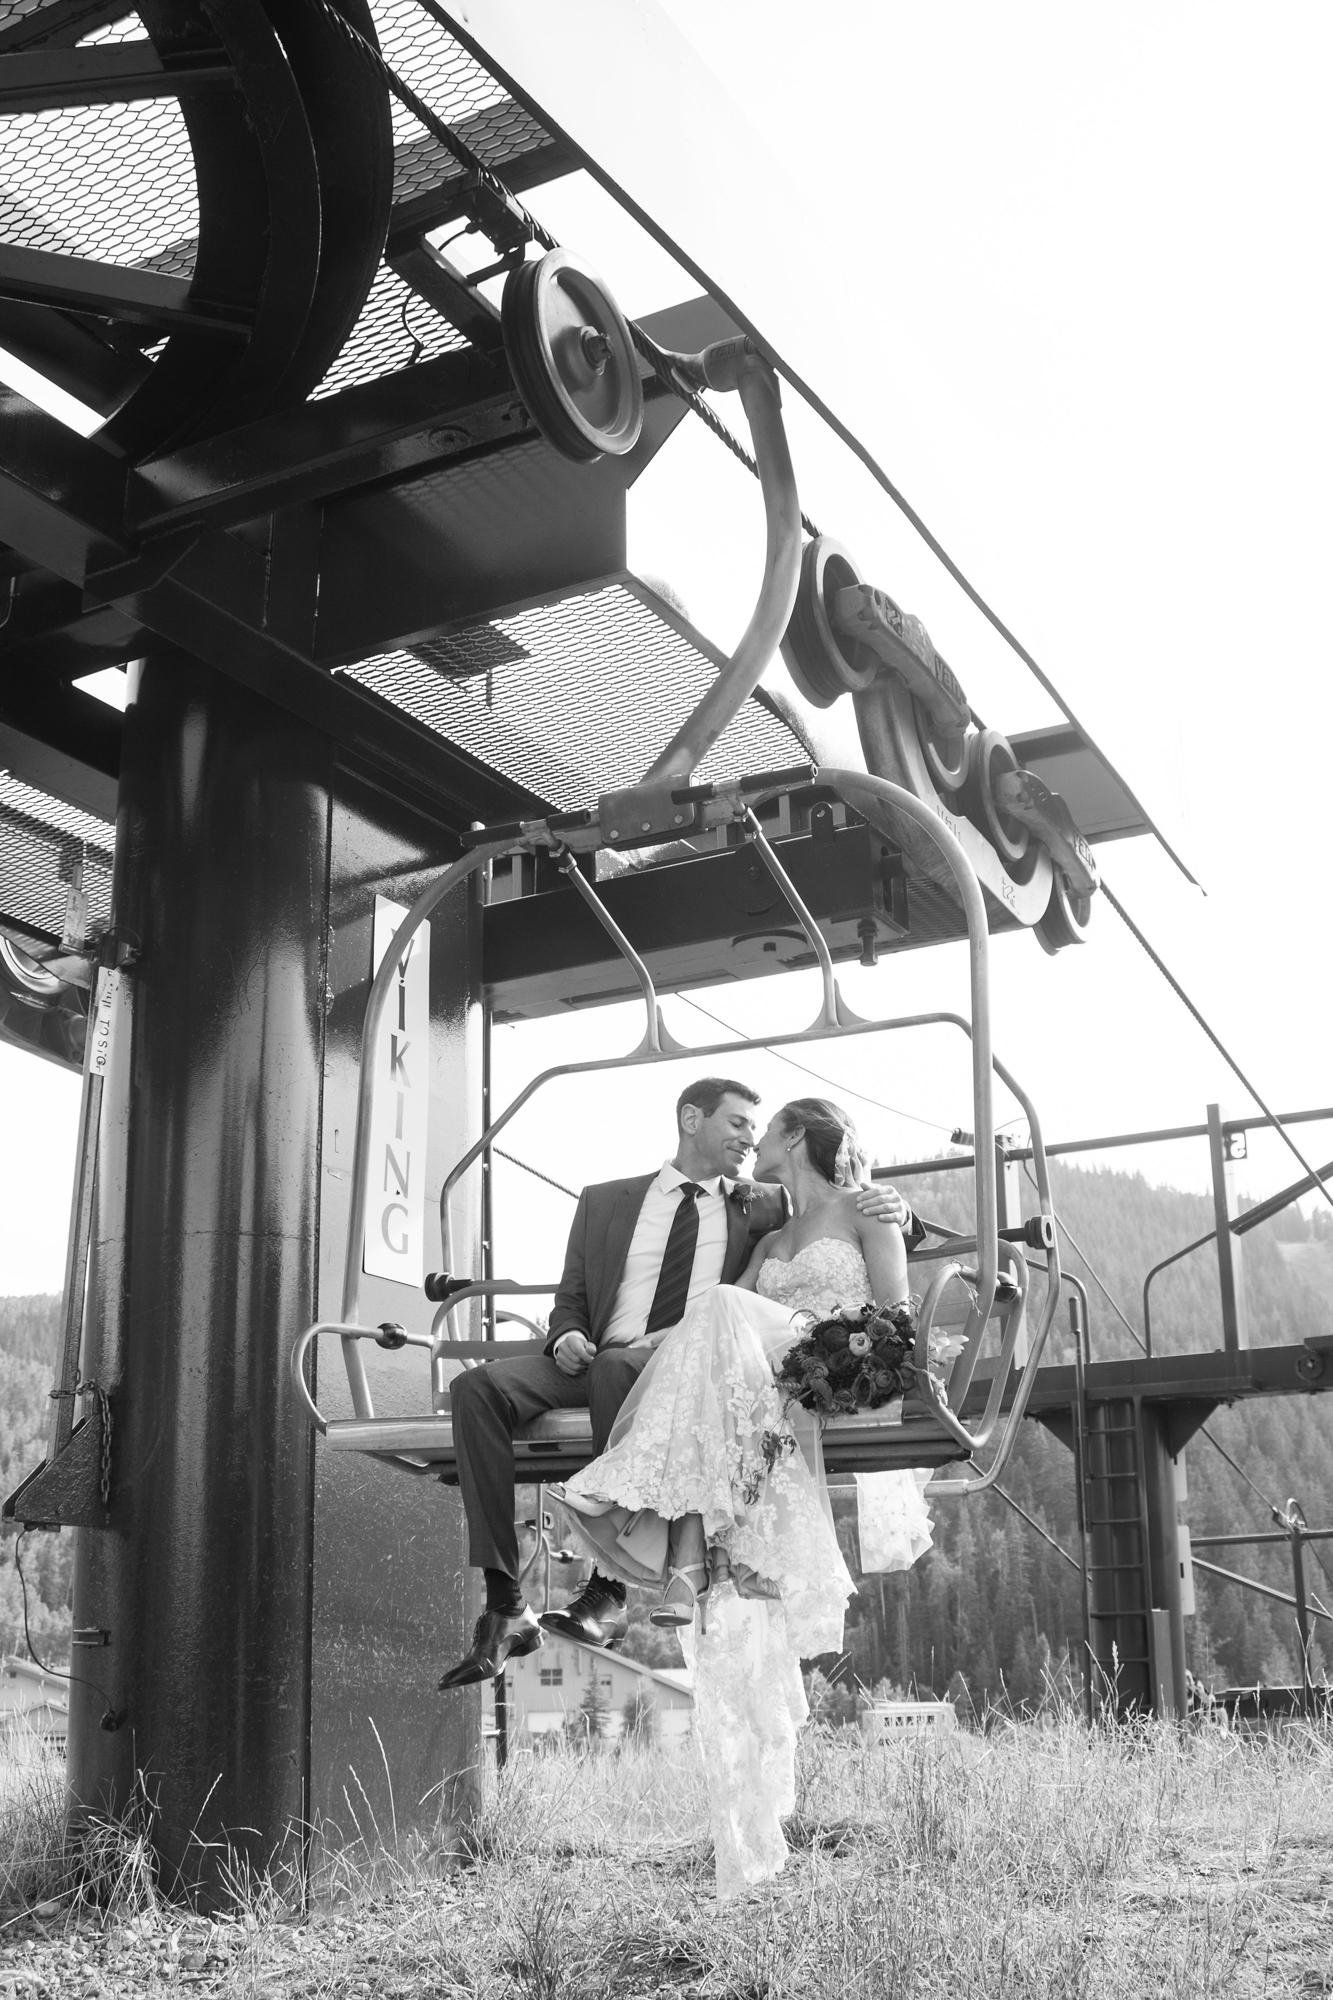 stein-eriksen-wedding-photography-12.jpg